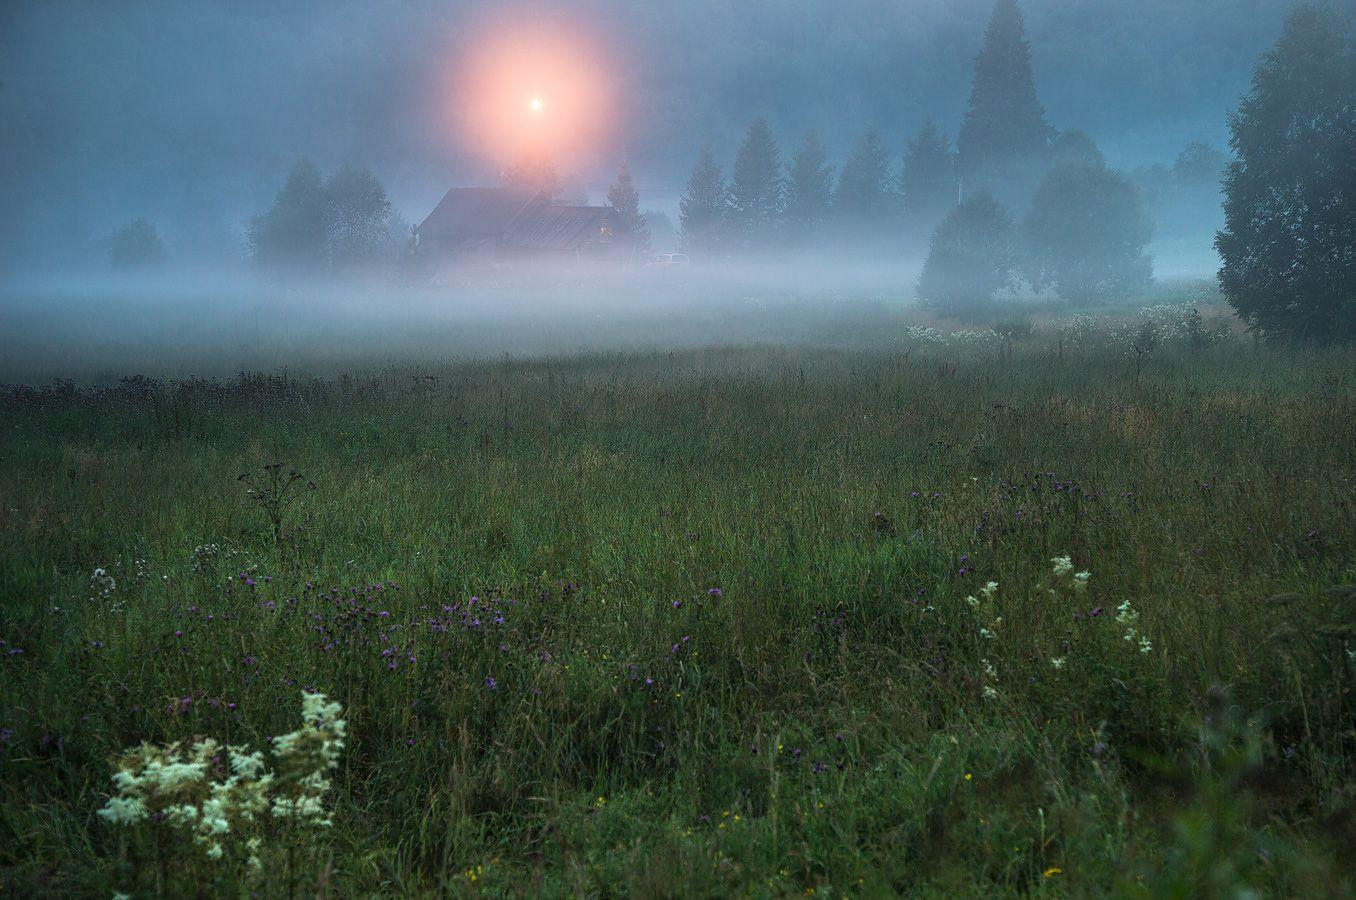 7. А по всем лугам стелется не только туман, но и чудный, мягкий аромат таволги (та, что цвета сливок)...